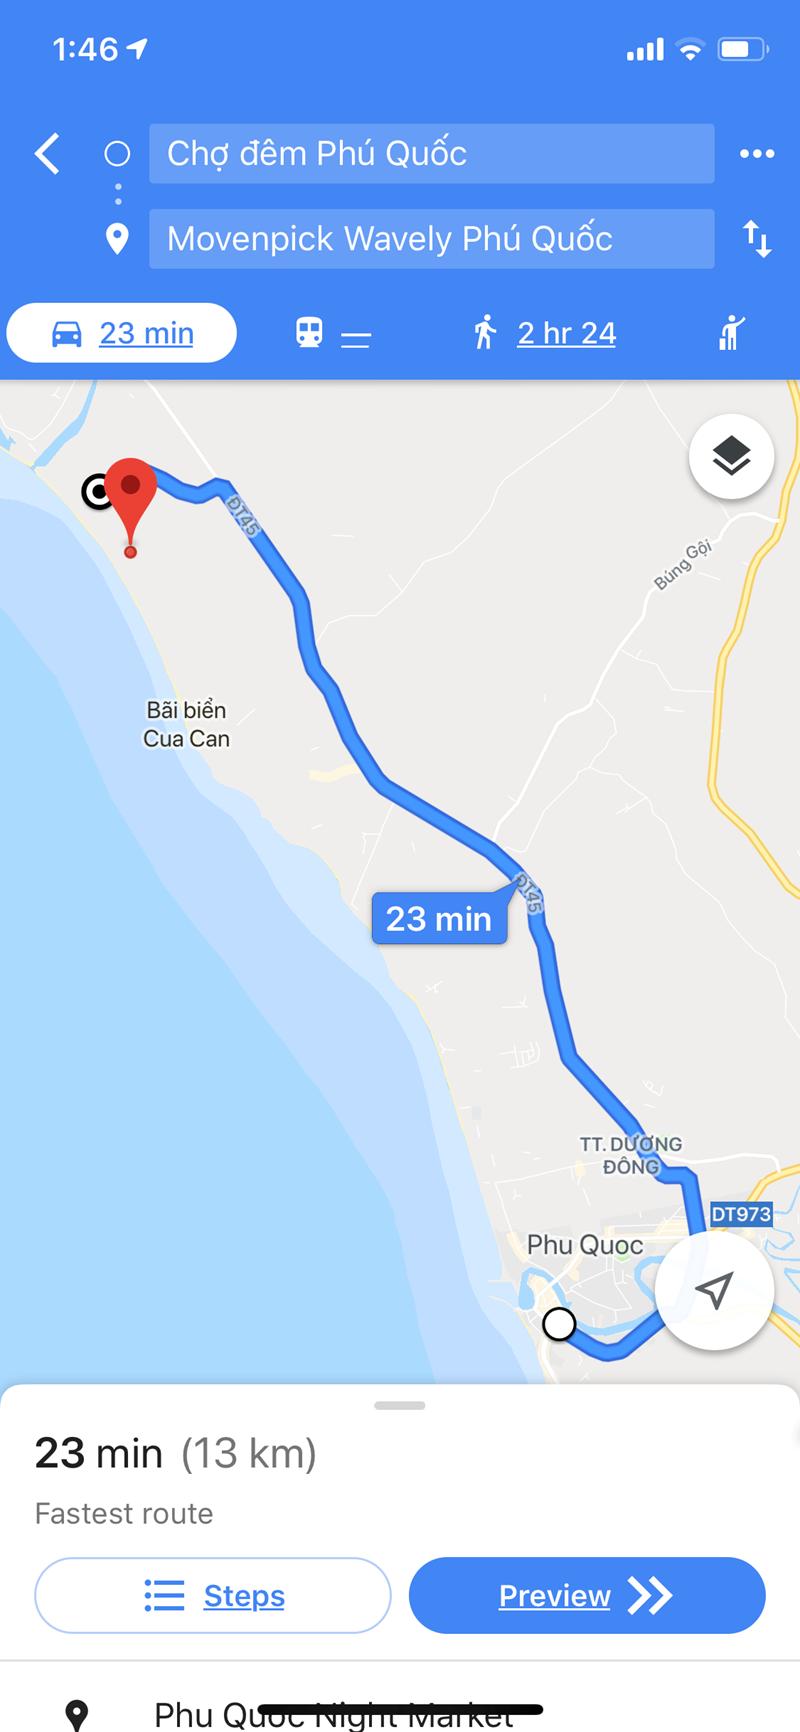 ~25 phút để đi đến trung tâm thị trấn Dương Đông.